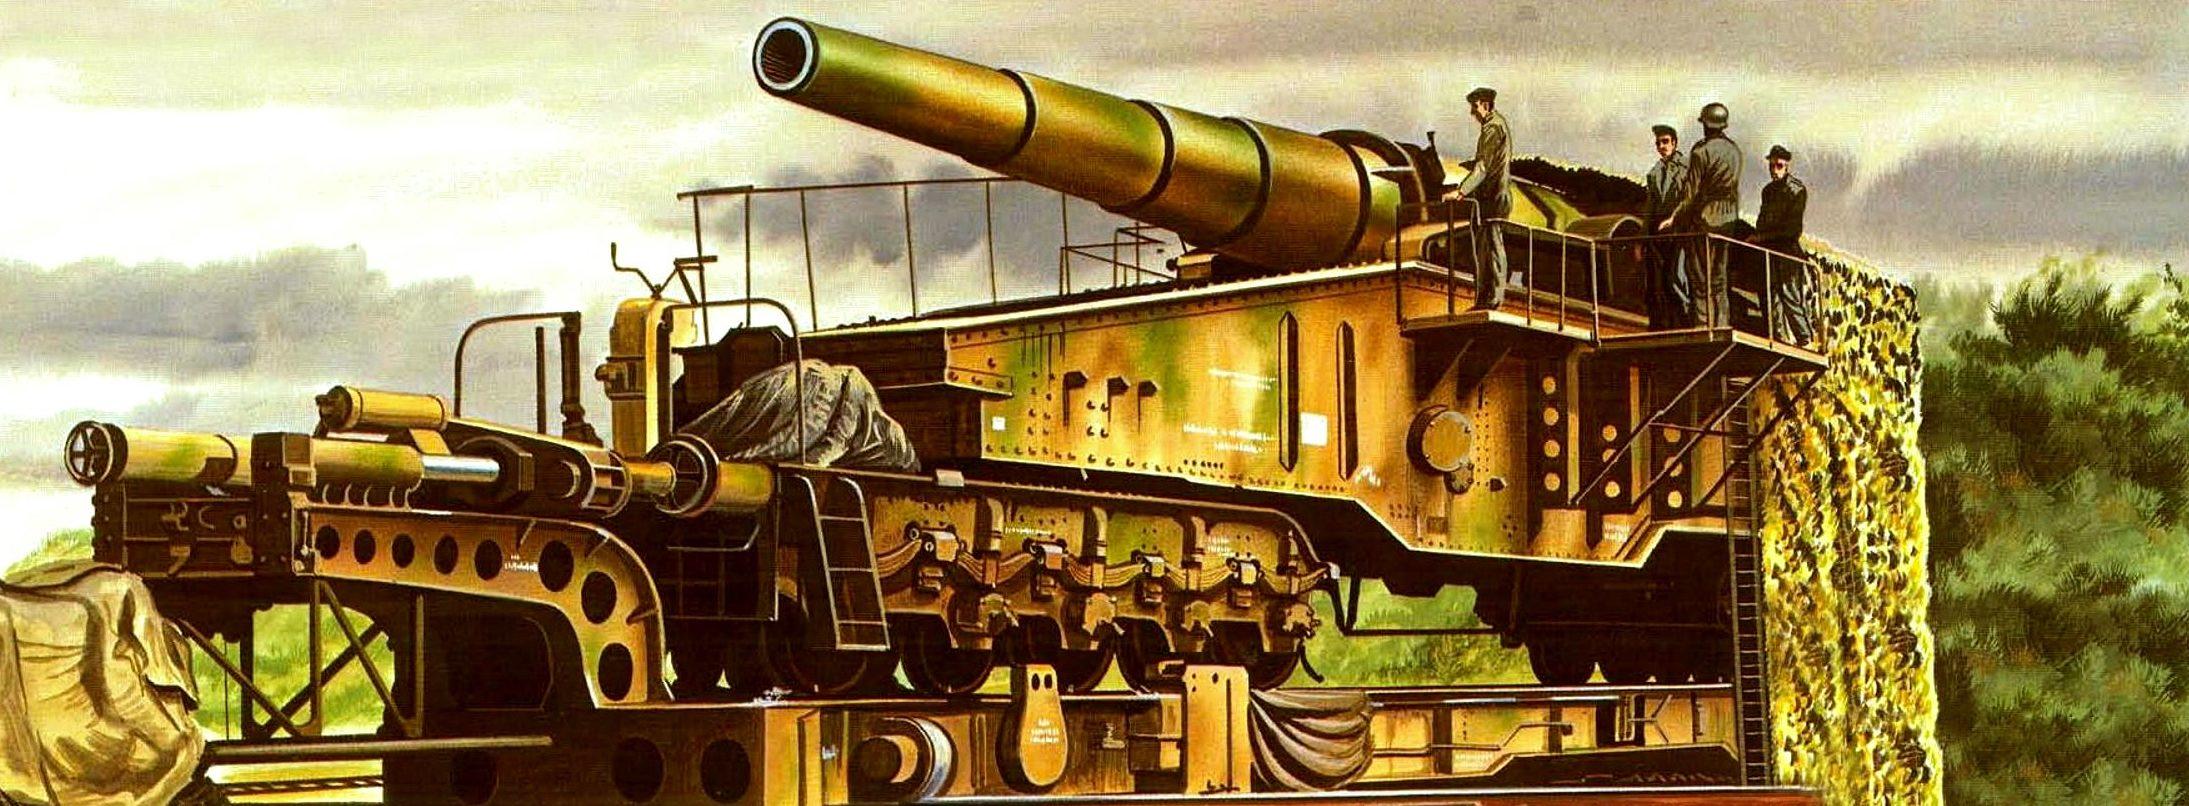 Greer Don. Железнодорожное 28-cm орудие «Kurze Bruno» L/40.